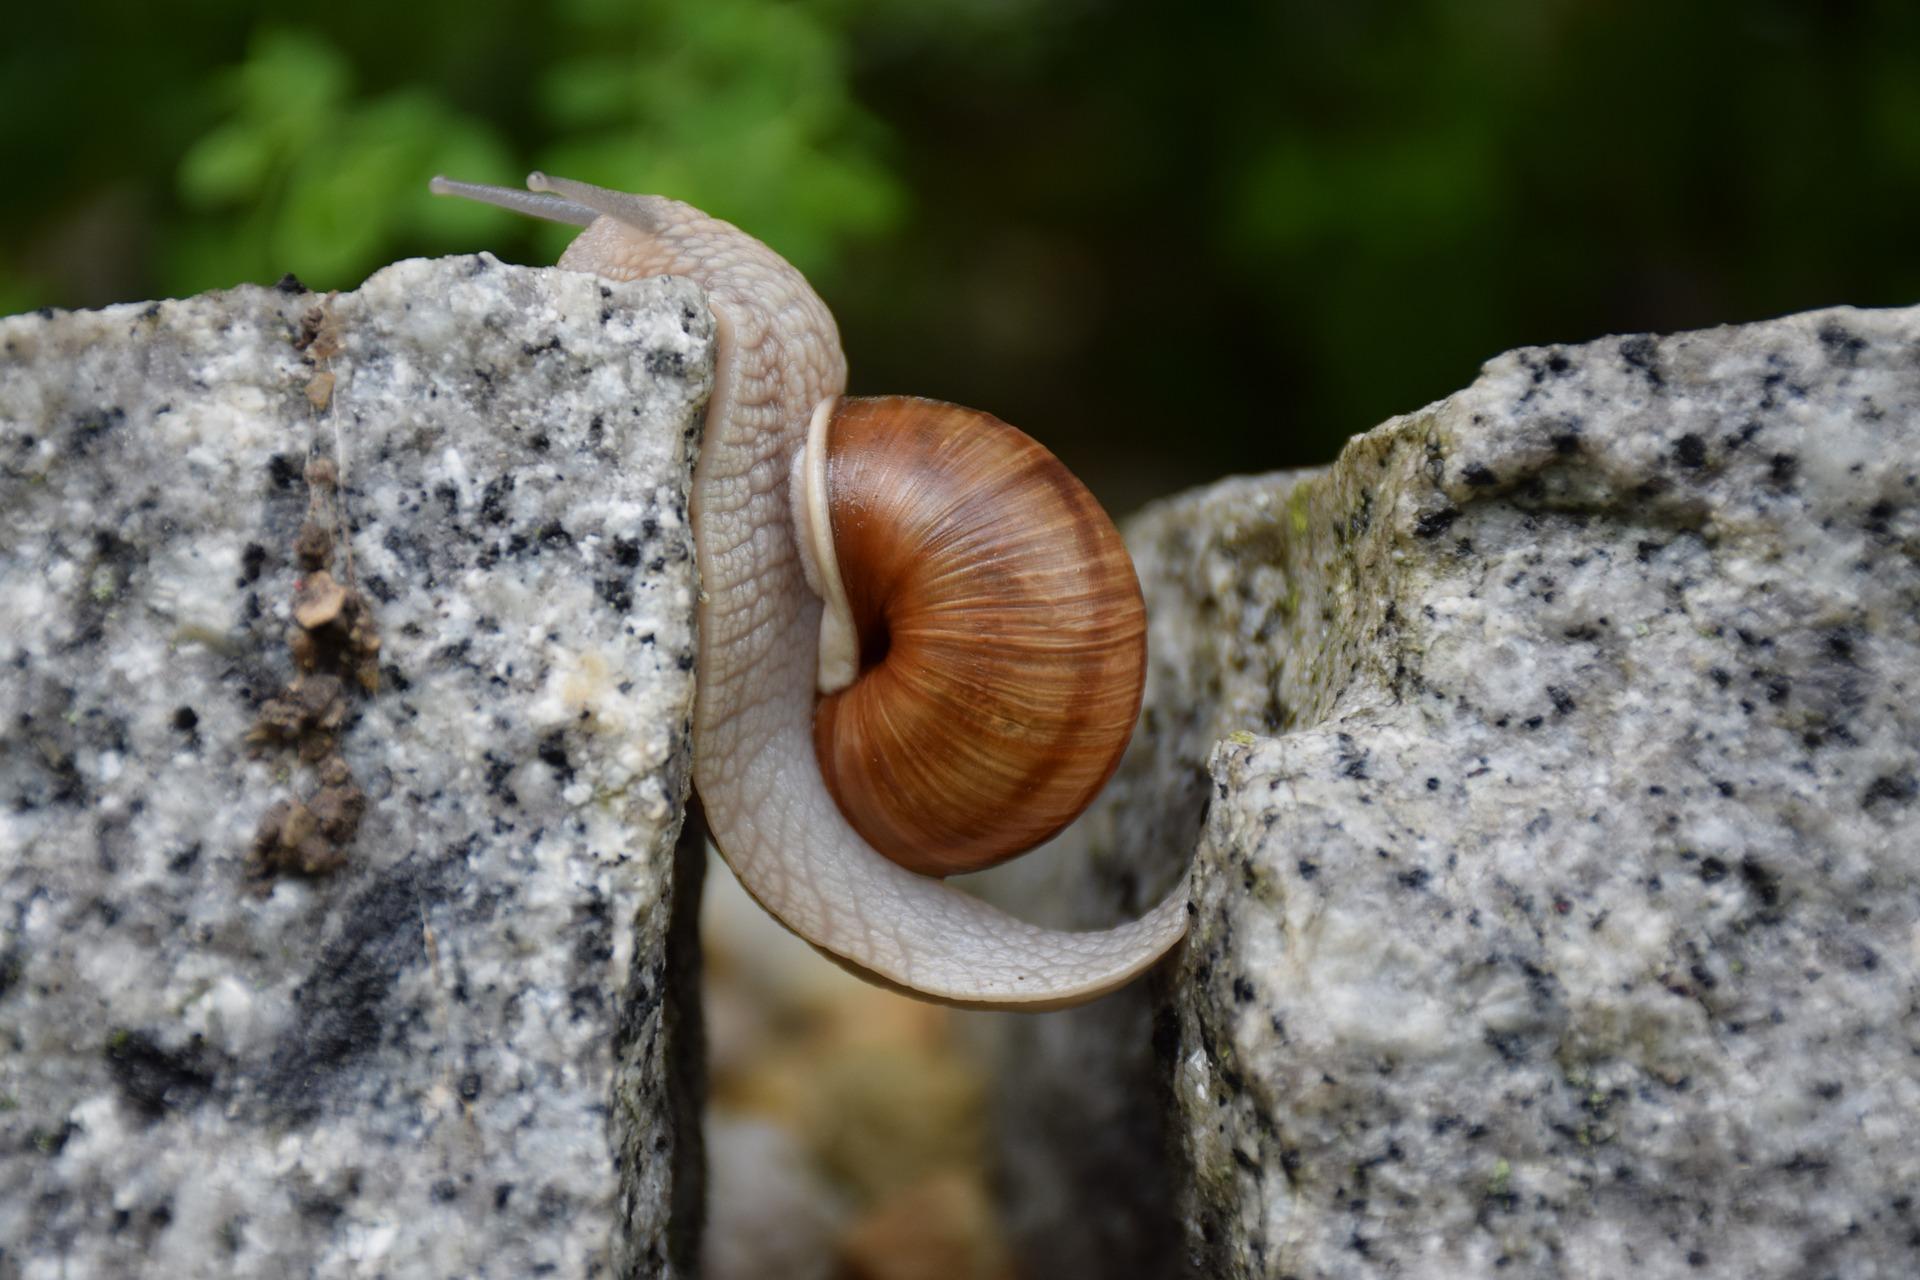 Schneckenalarm im Garten - Alles, was Du wissen musst